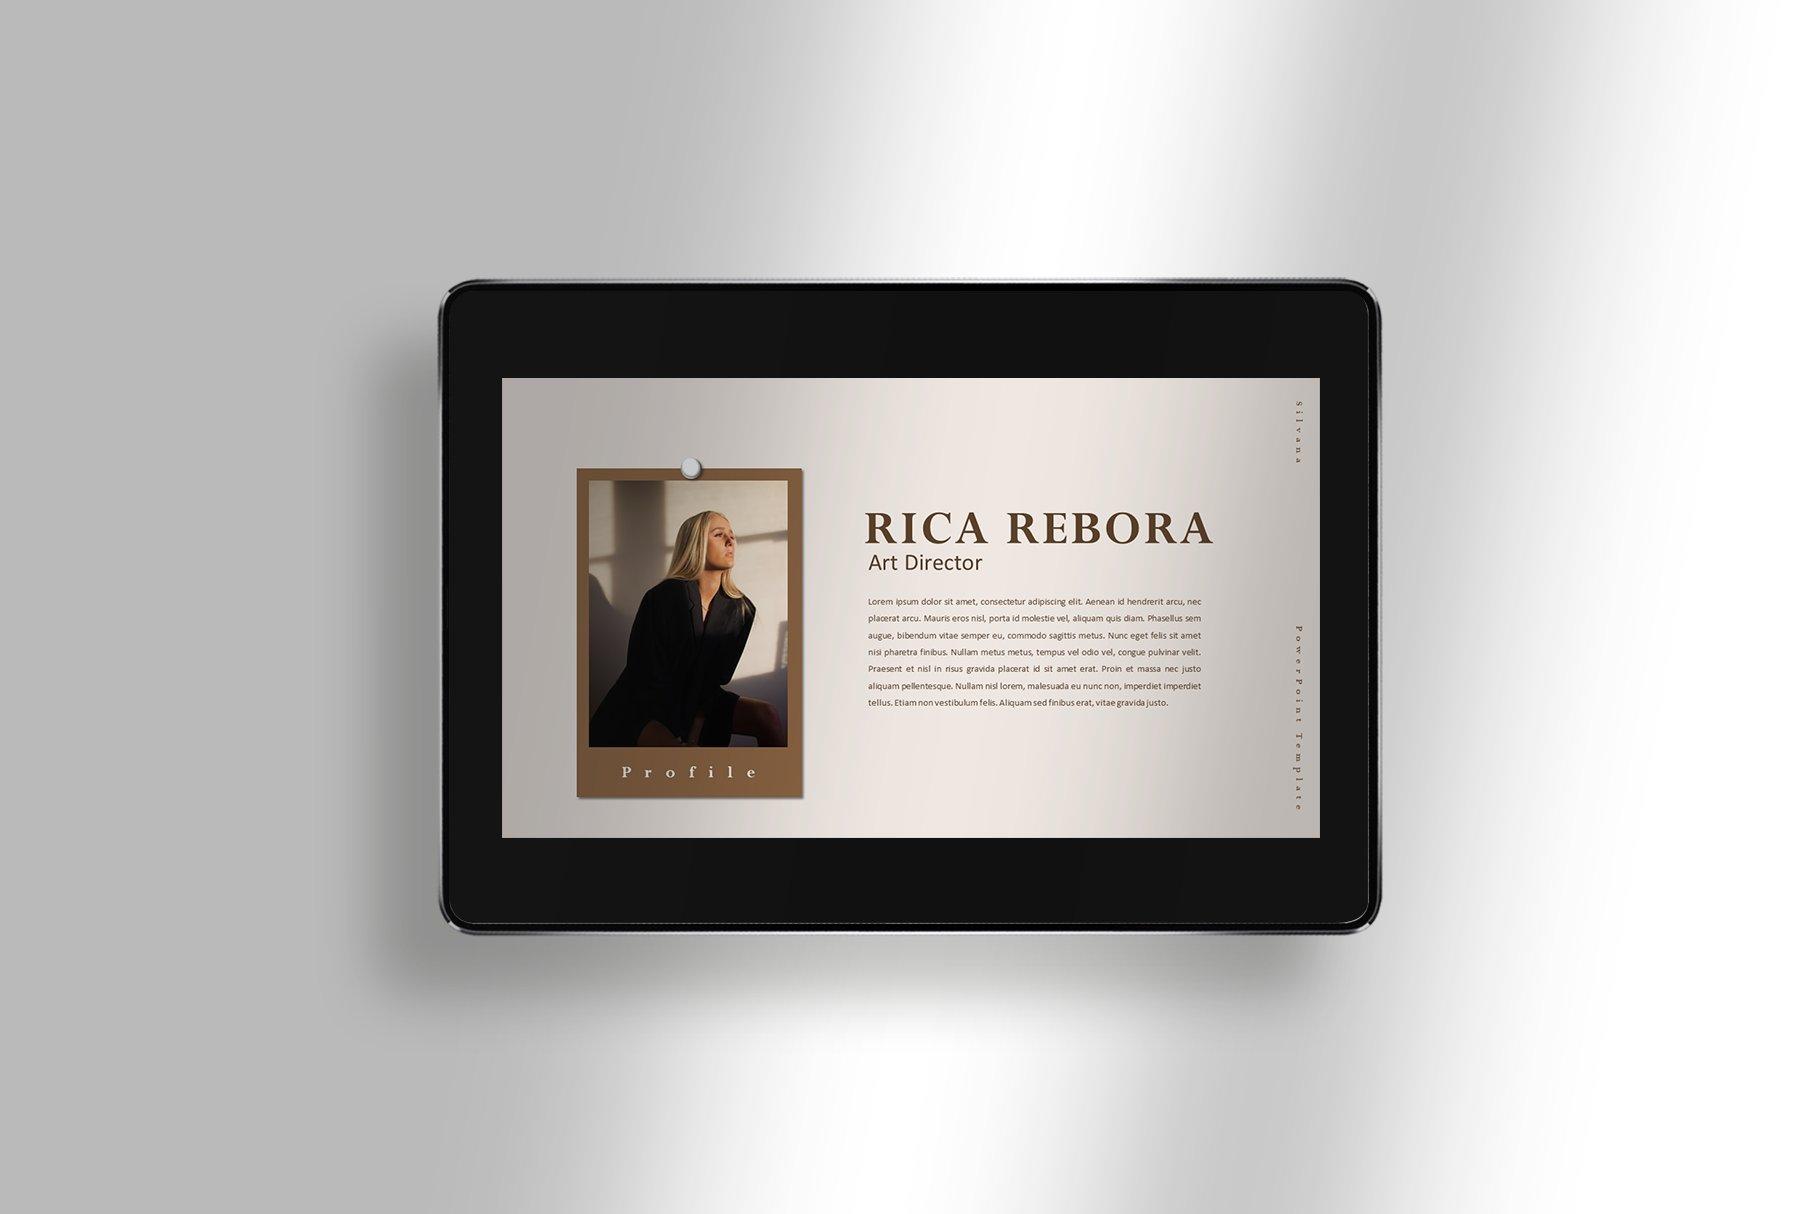 极简女性服装摄影作品集图文排版PPT幻灯片设计模板 Silvana – Presentation Template插图(2)